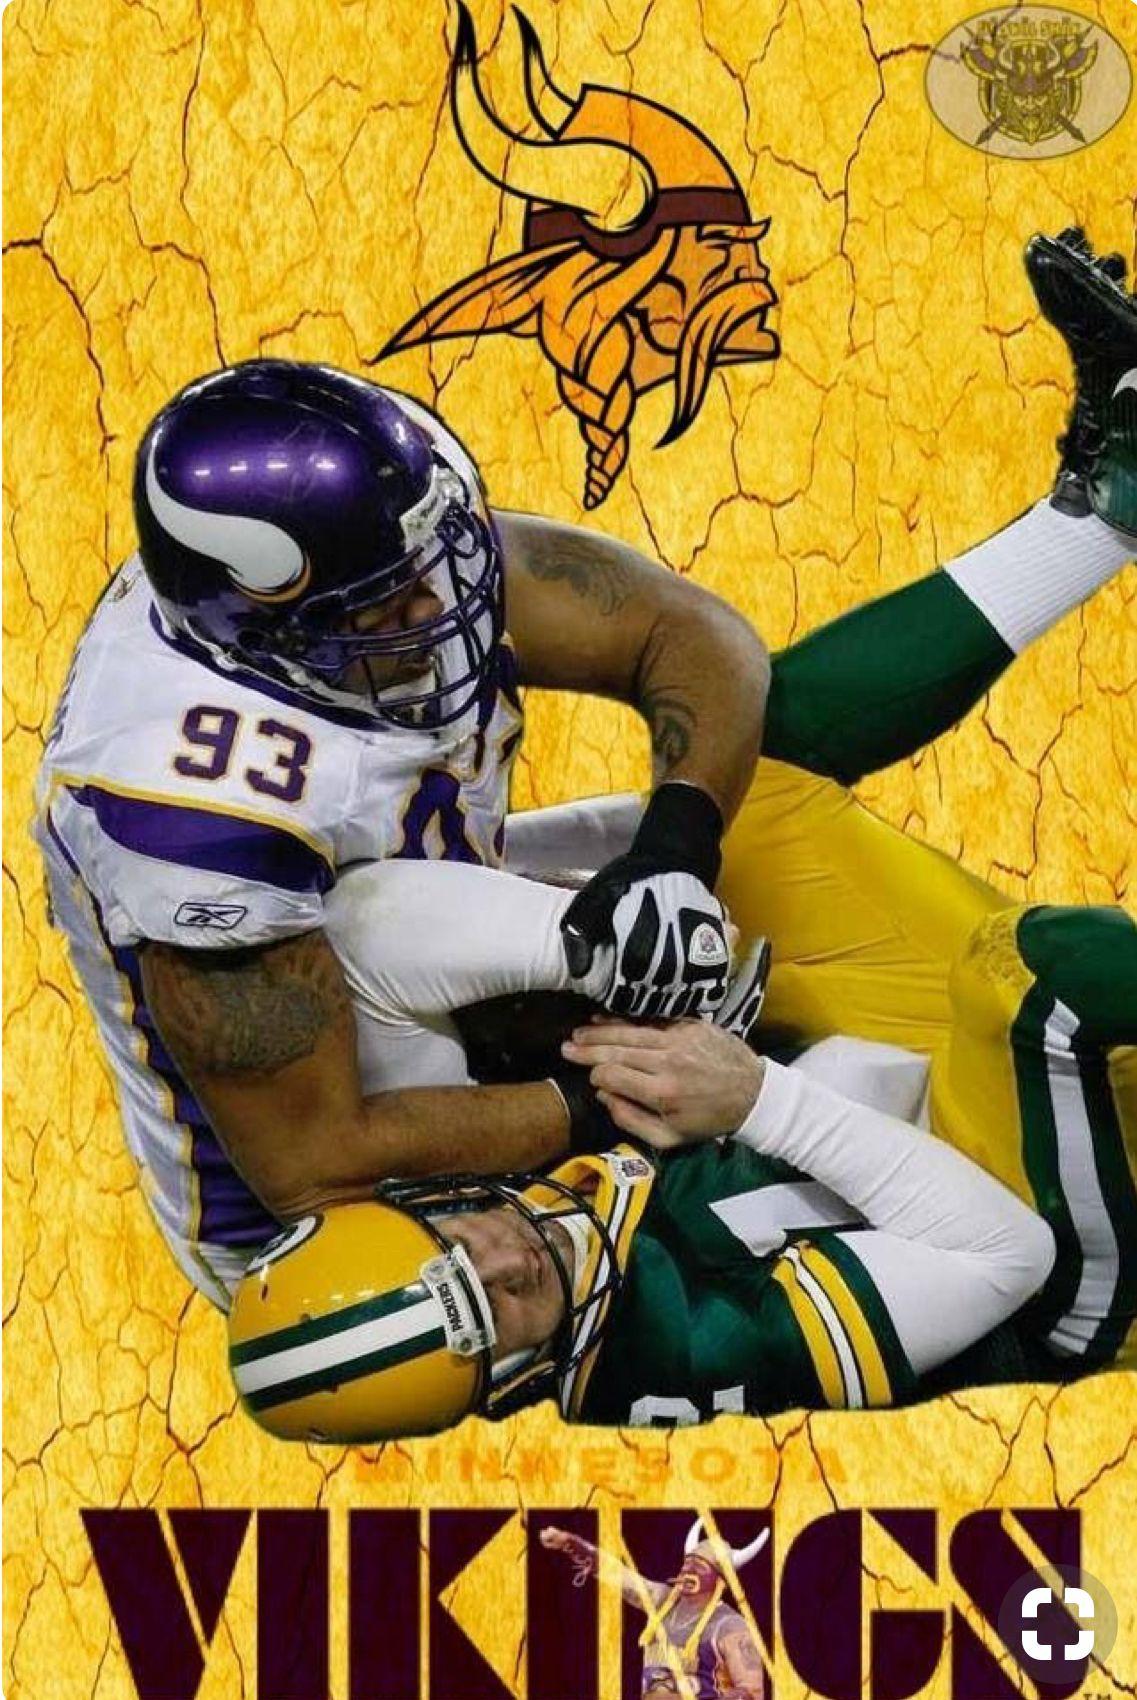 Pin By Dee Mcdaniel On Minnesota Vikings Football Nfl Football Vikings Minnesota Vikings Minnesota Vikings Football